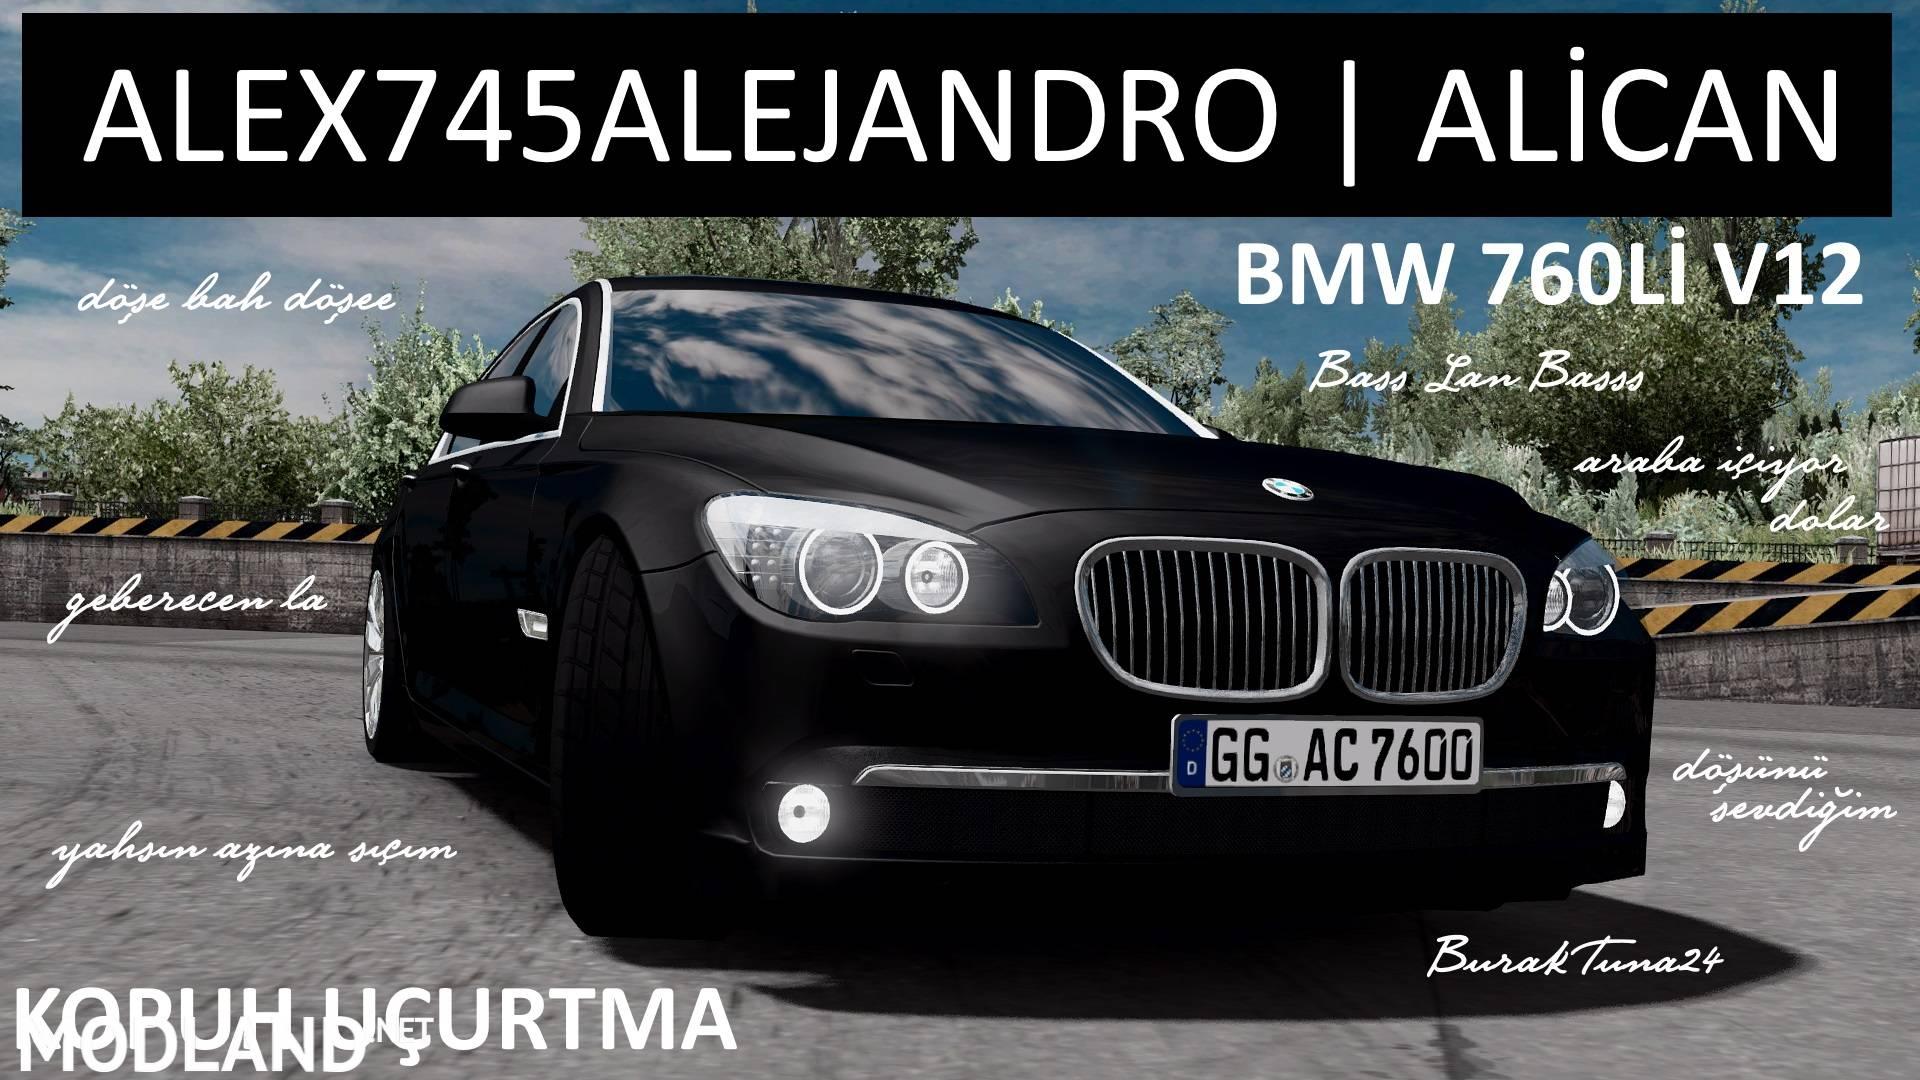 Ets2 Bmw 760li V12 Alex745alejandro Mod For Ets 2